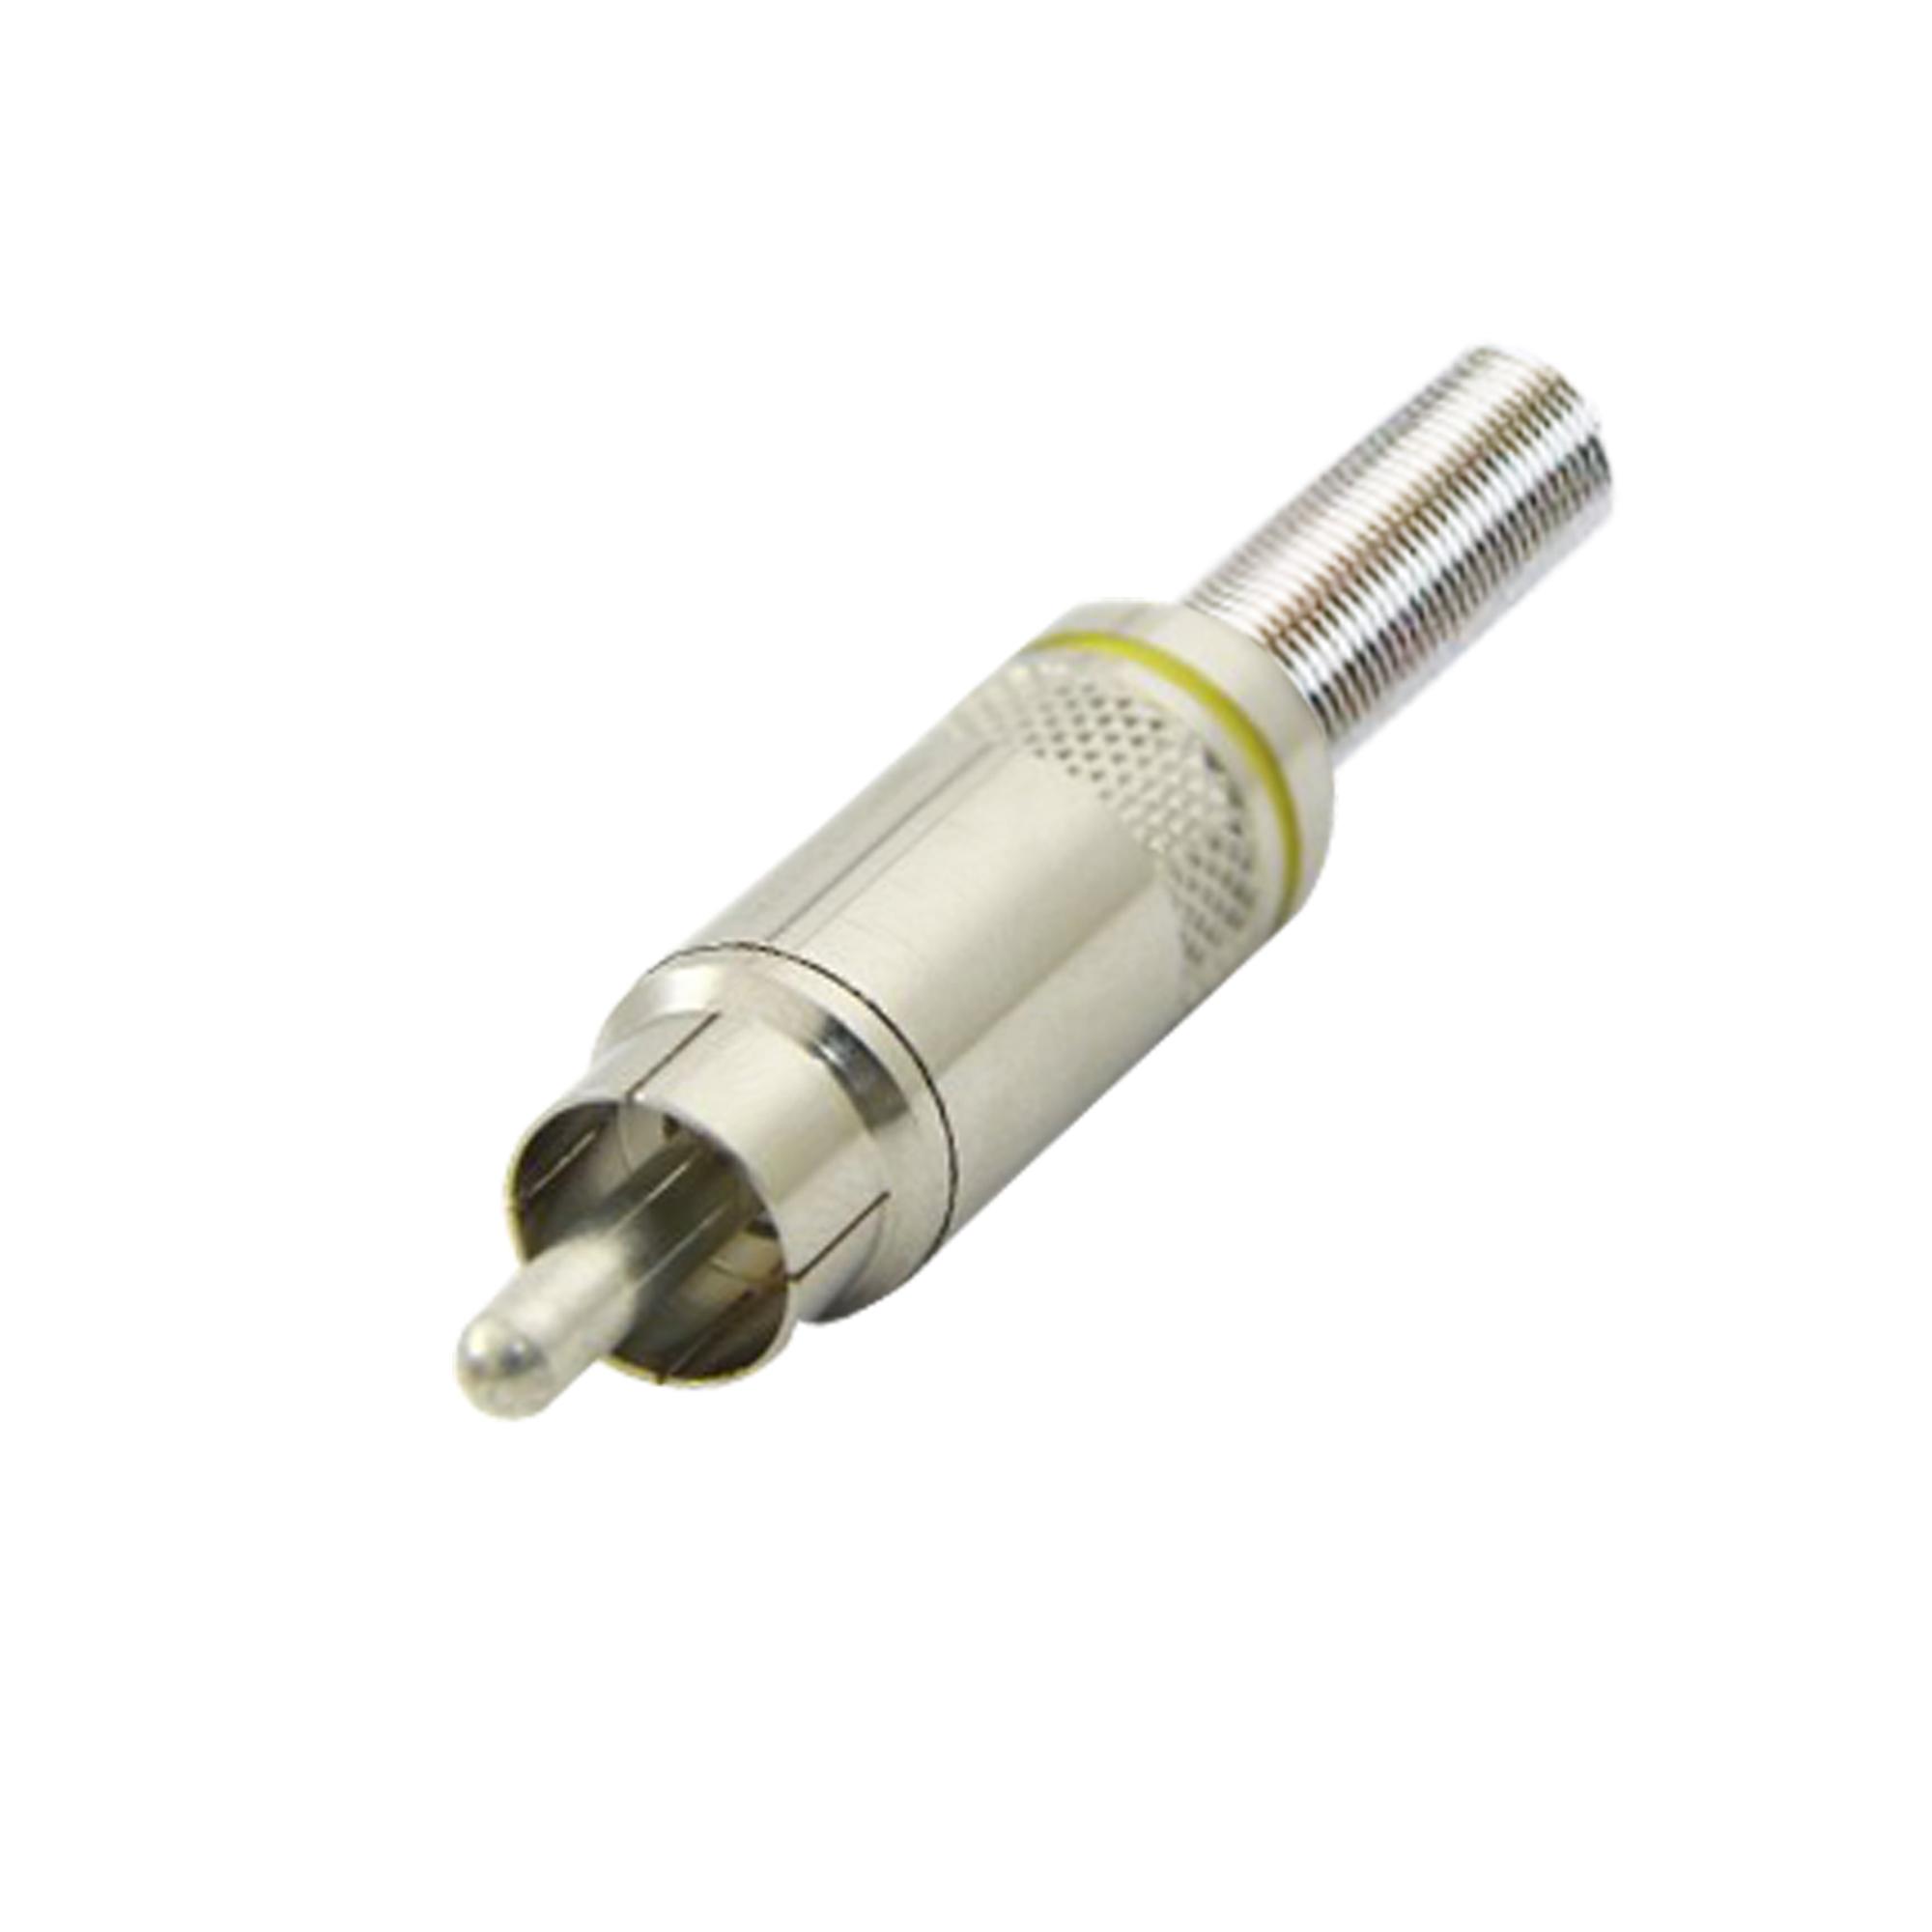 RCA Plug (Yellow)